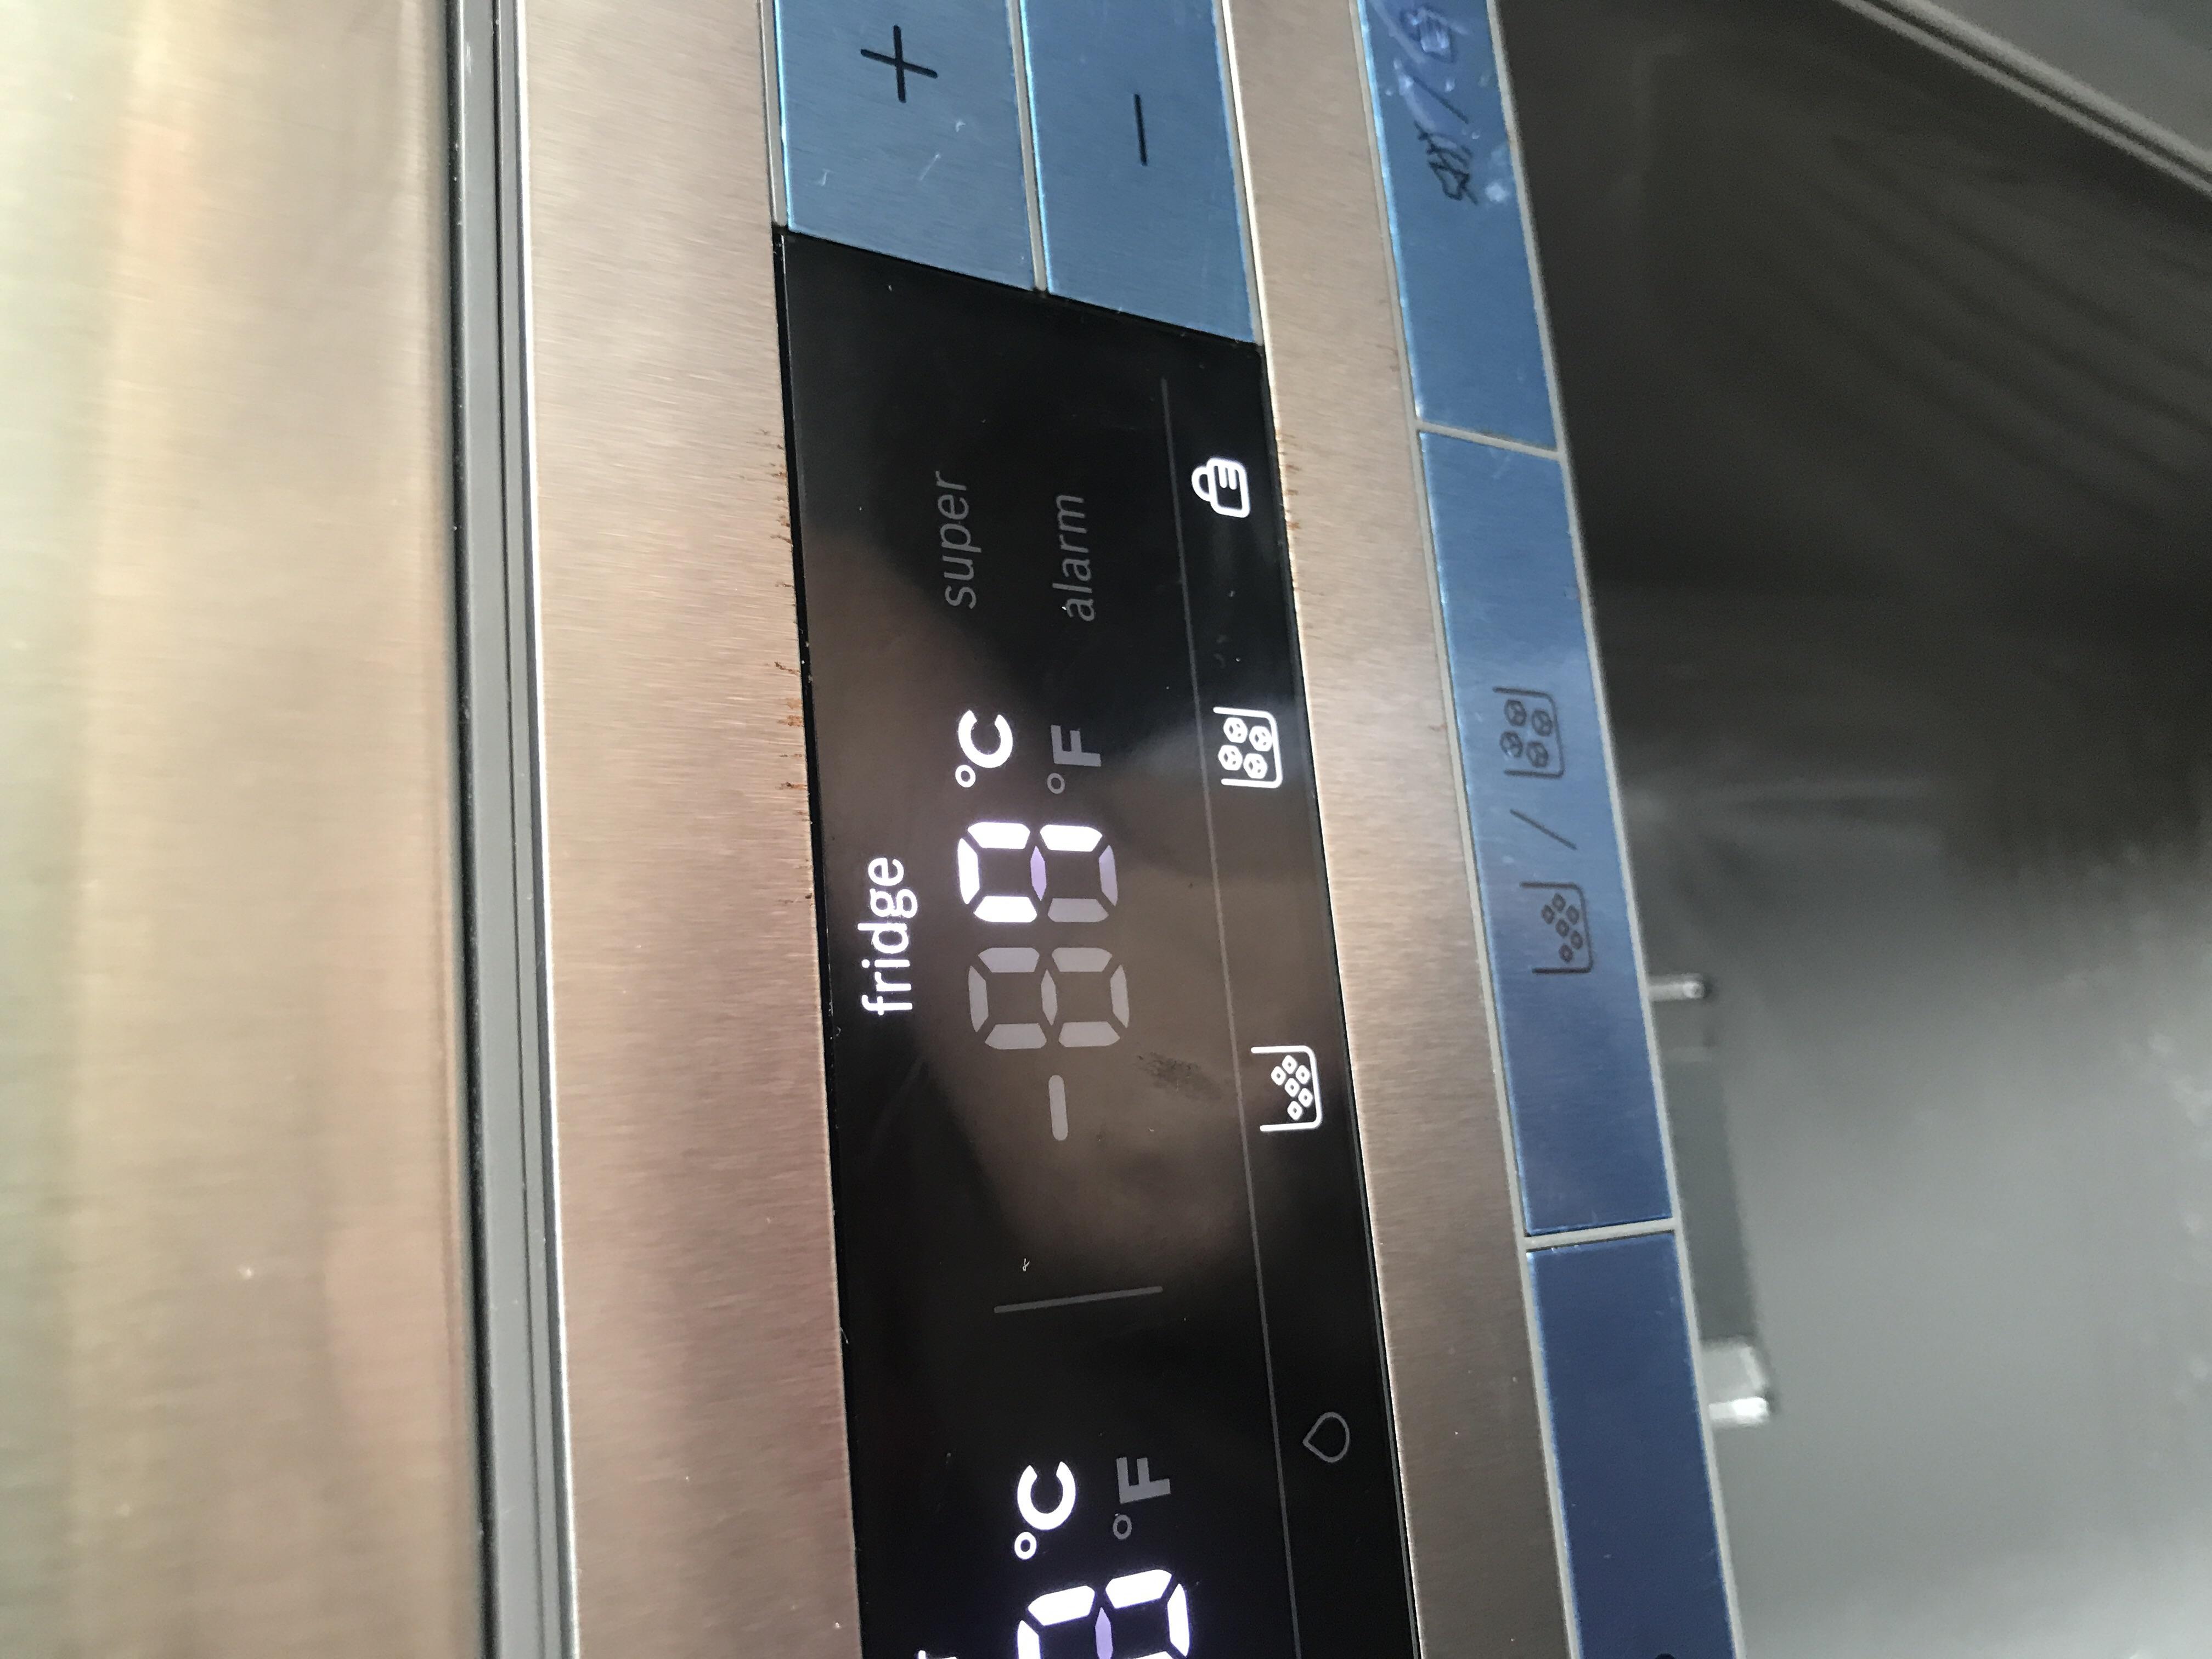 Bosch Kühlschrank Wasserfilter Wechseln : Bosch eiswürfelspender kühlschrank ist verschlossen?